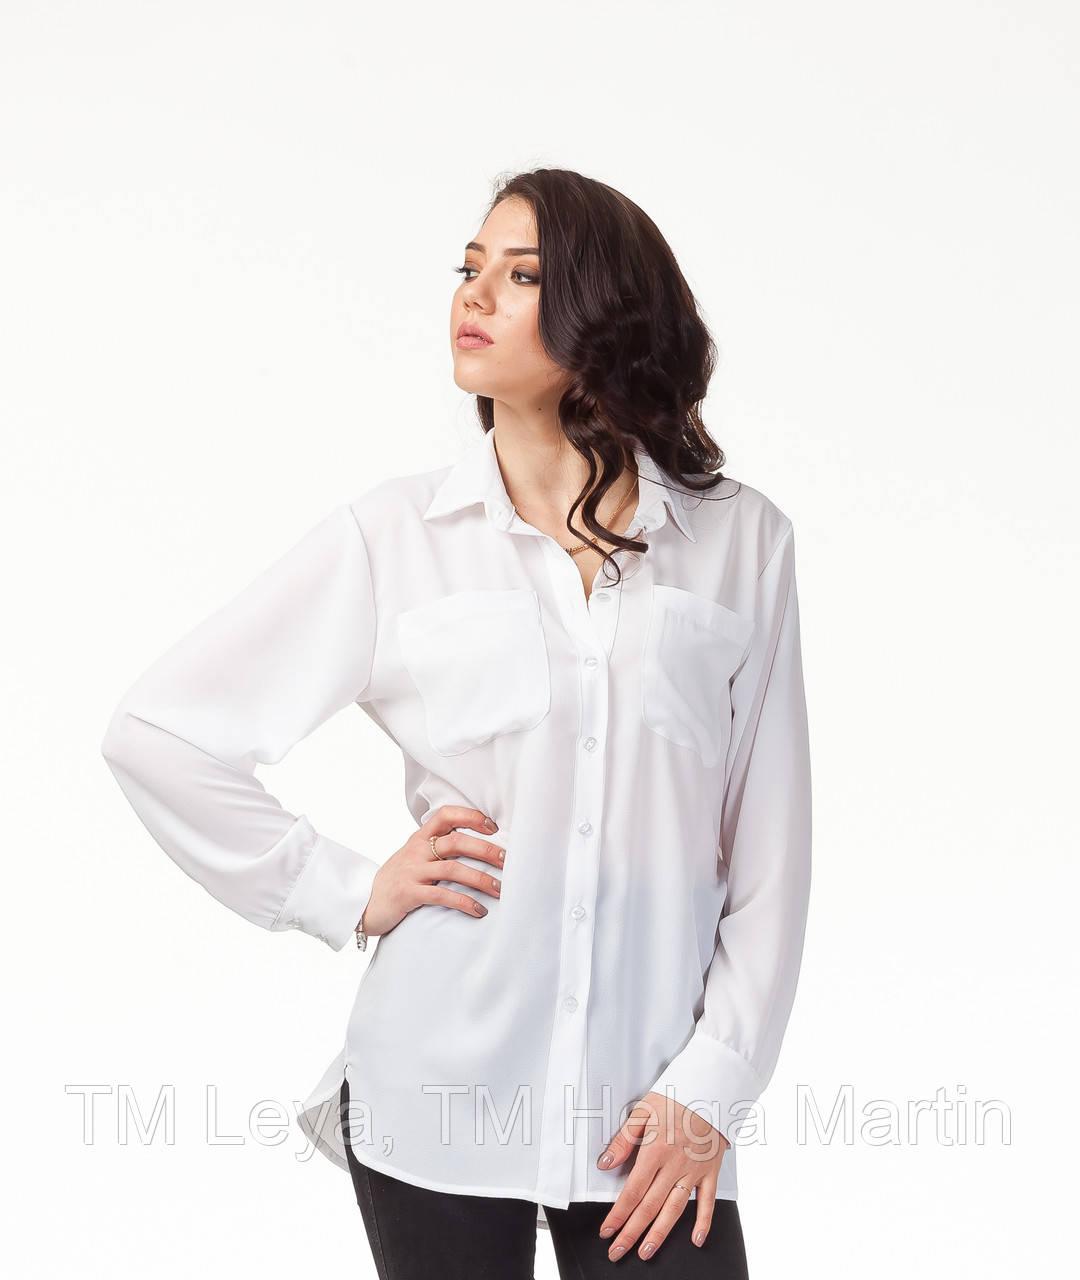 b1d8a18a35c Стильная женская белая рубашка. К090 - ТМ Leya